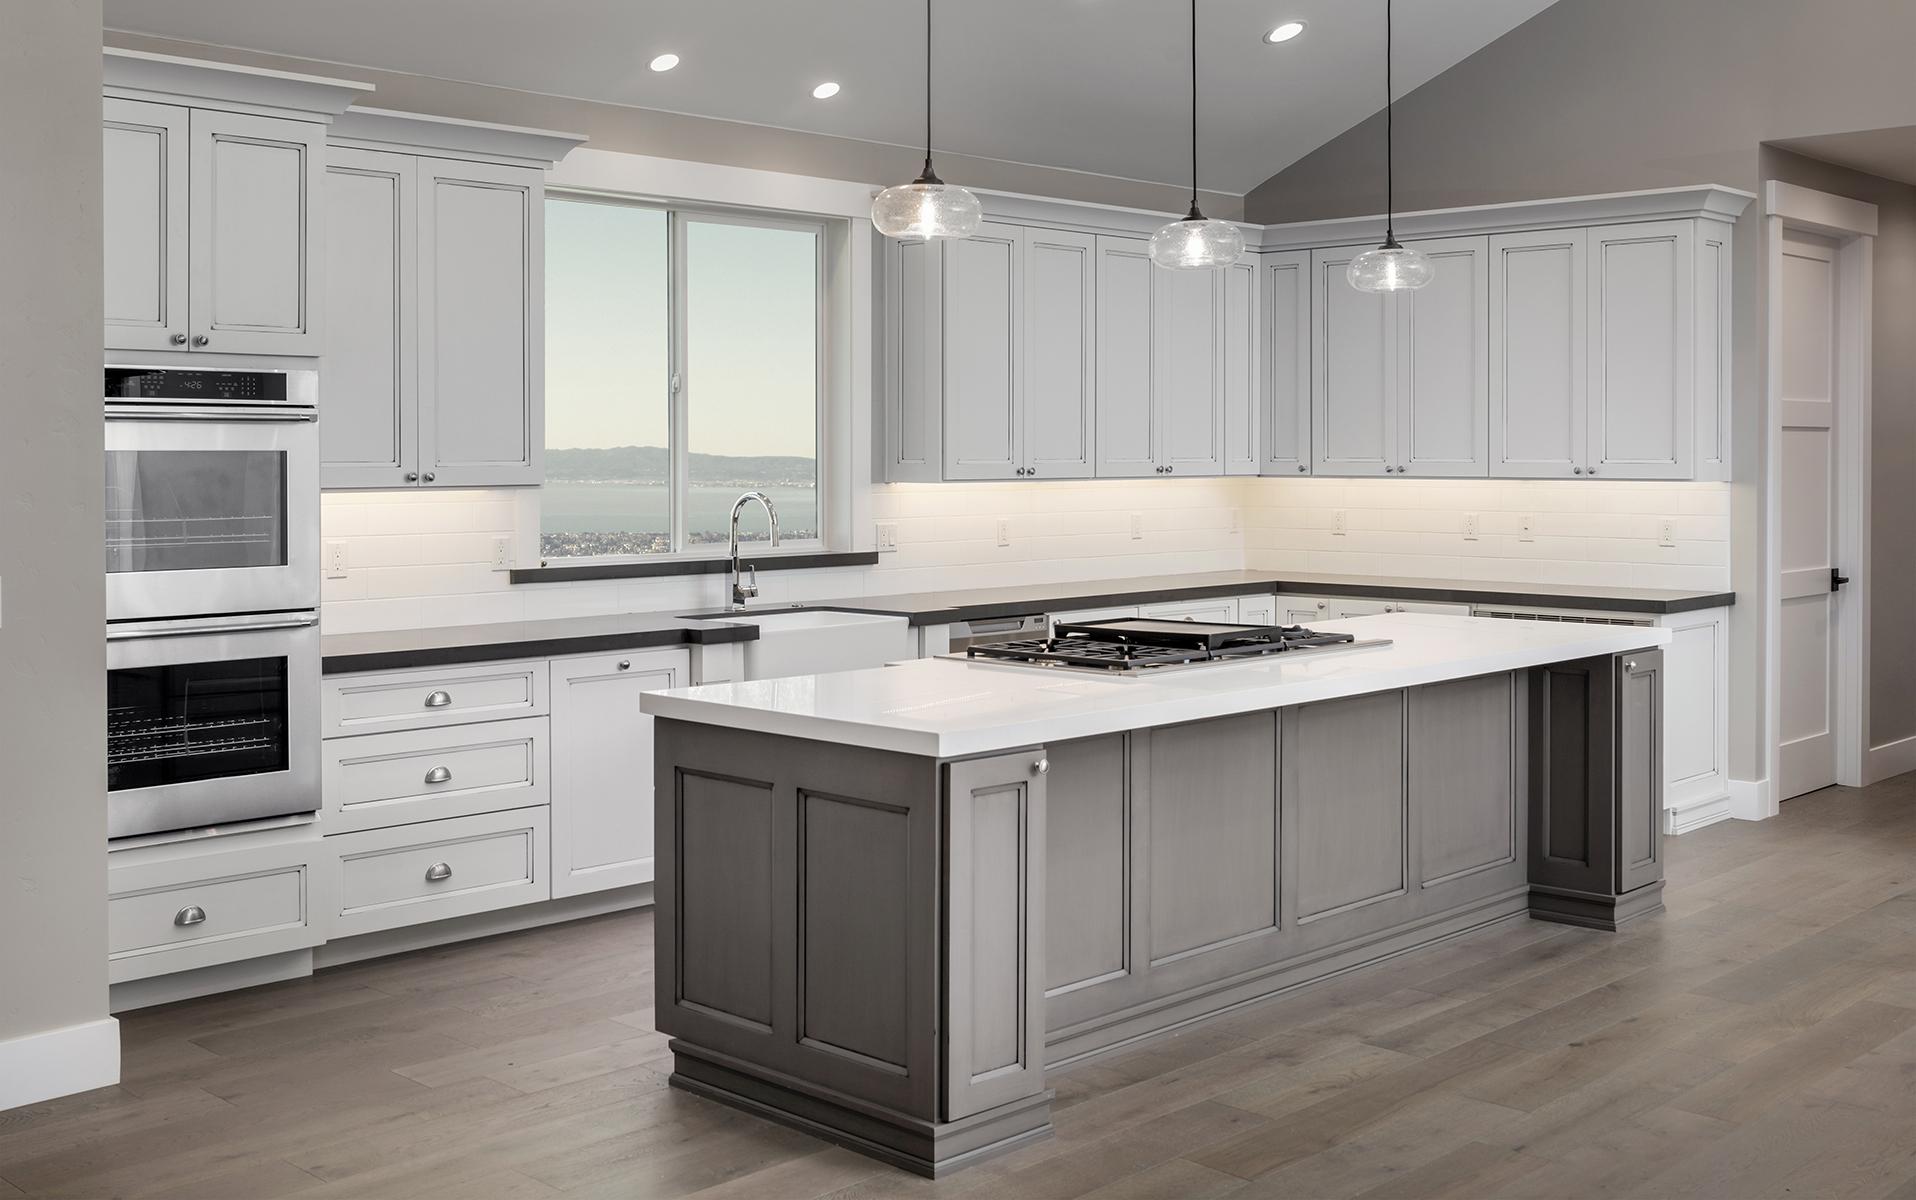 Căn bếp phong cách tân cổ điển tone chủ đạo là màu trắng tôn lên vẻ đẹp sang trọng của căn biệt thự.